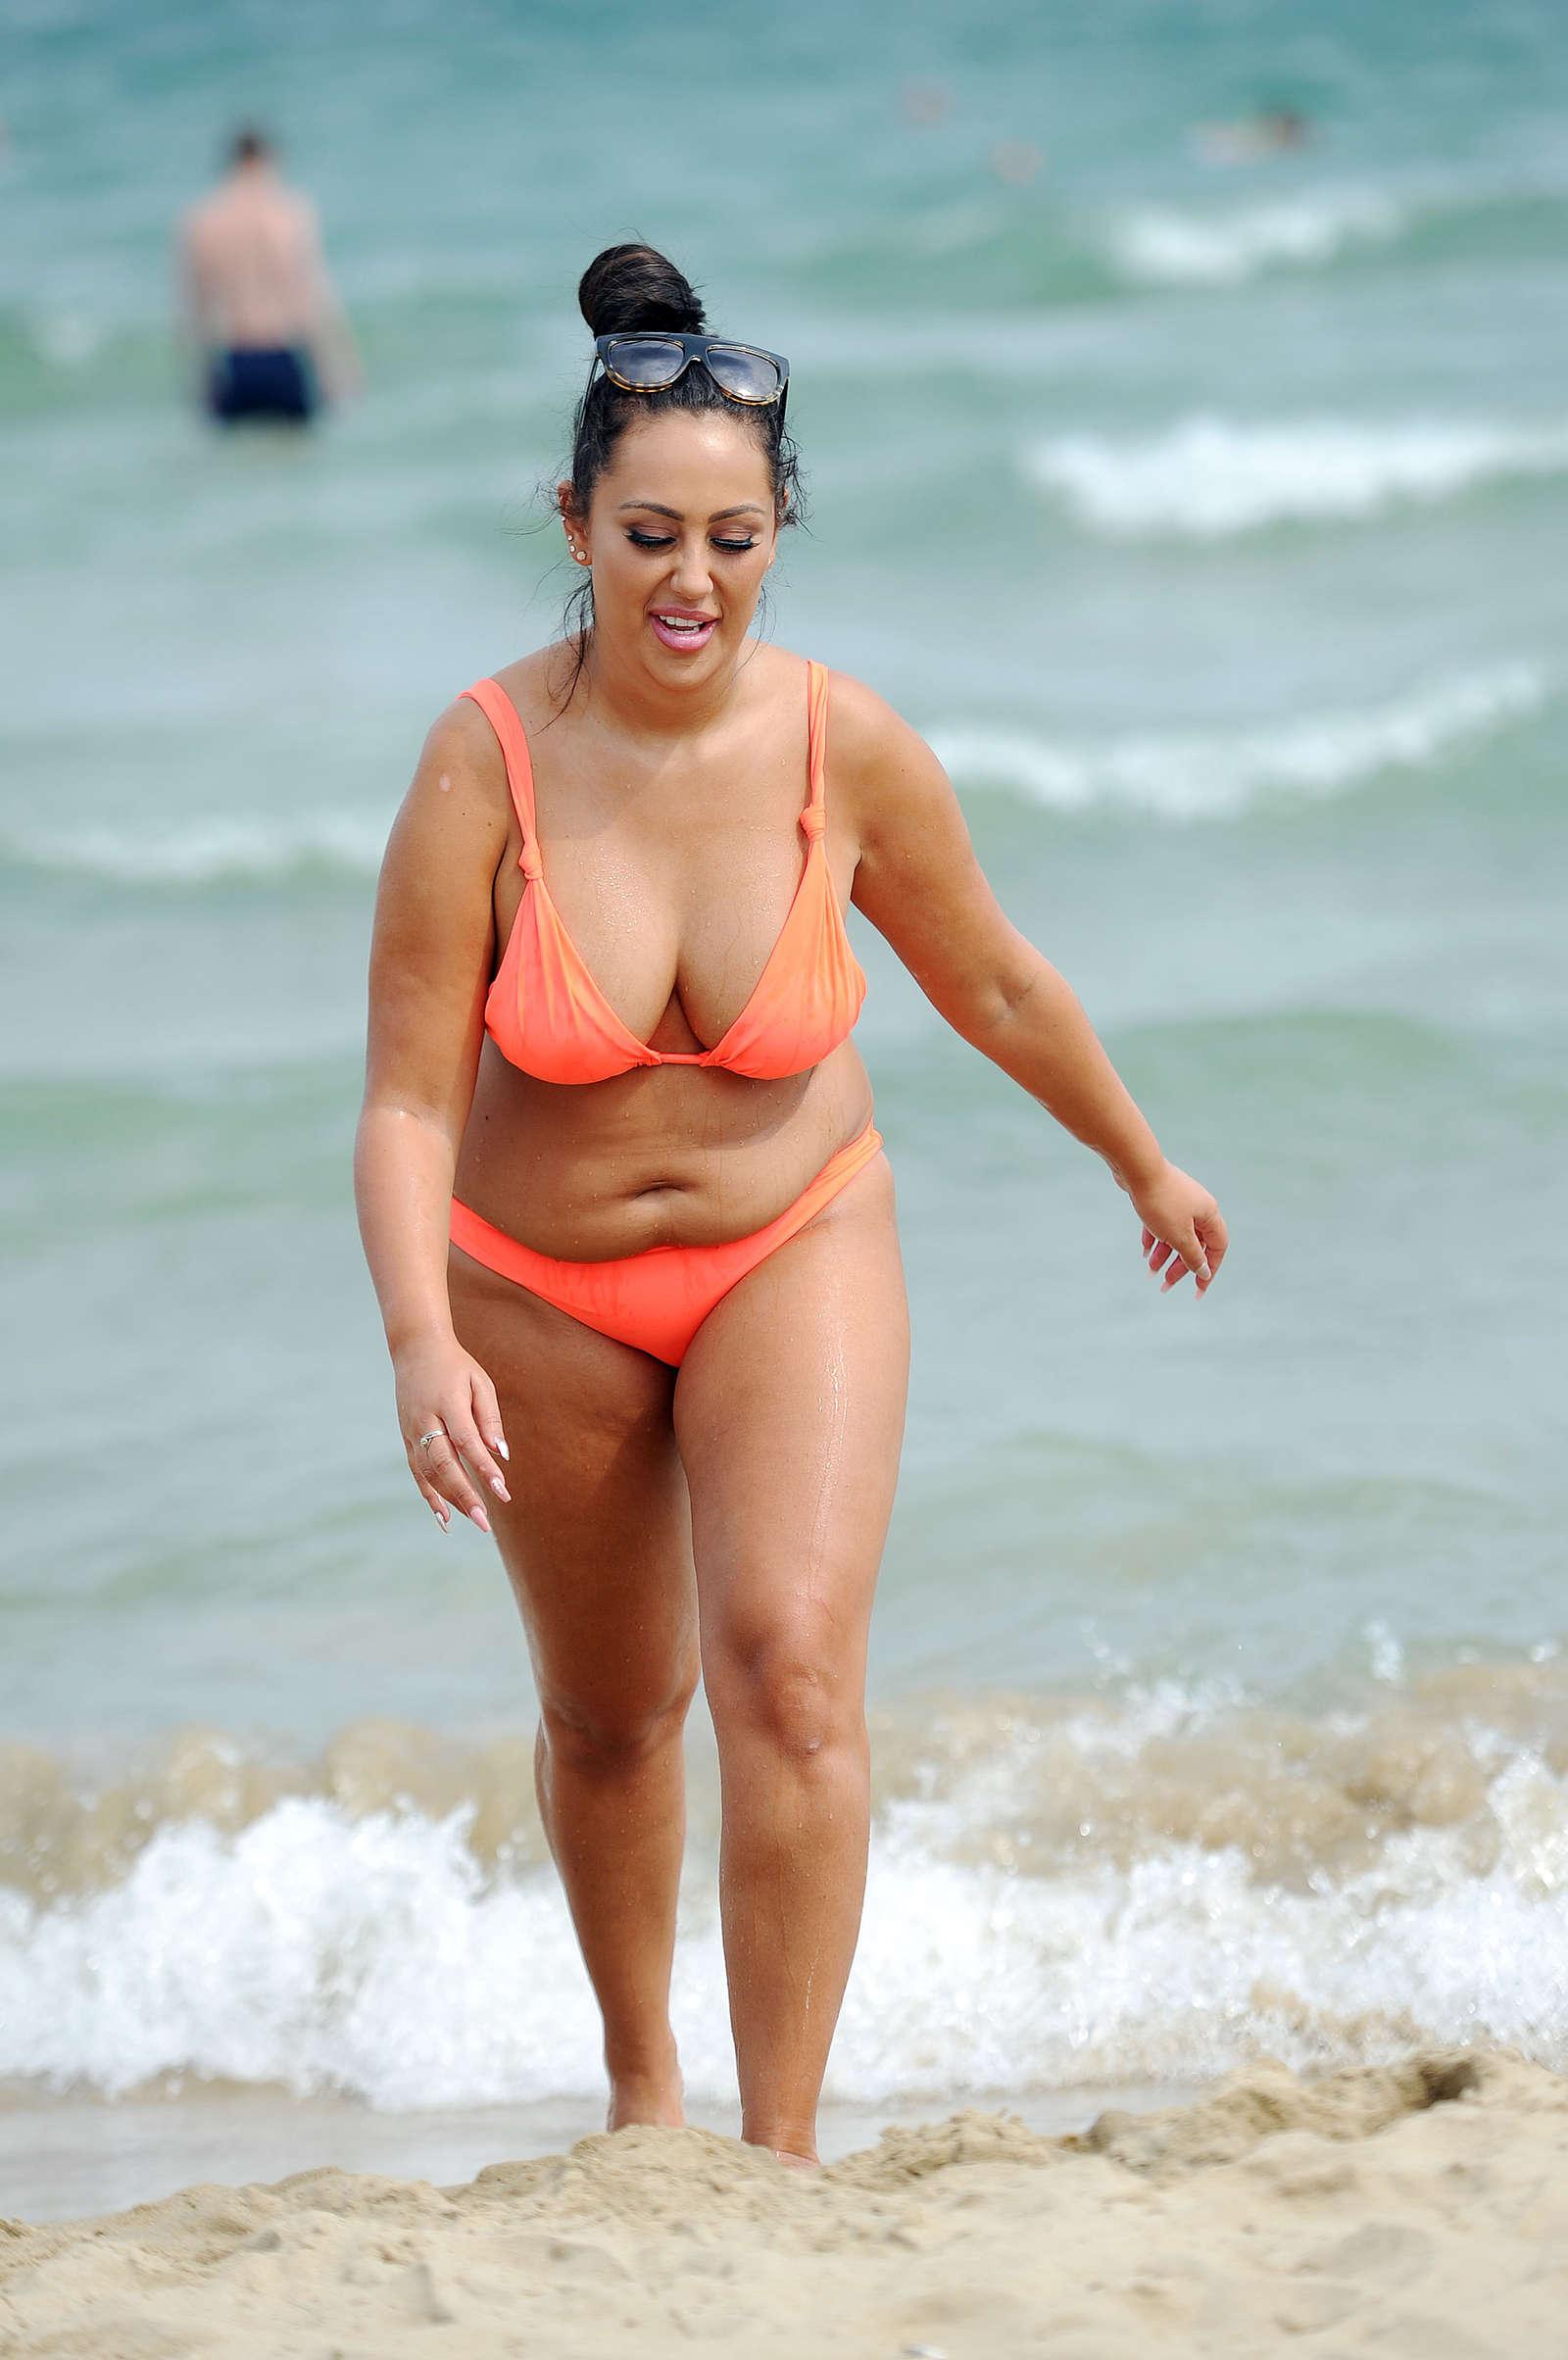 Live anybody beach australia bikini girl wanna bust